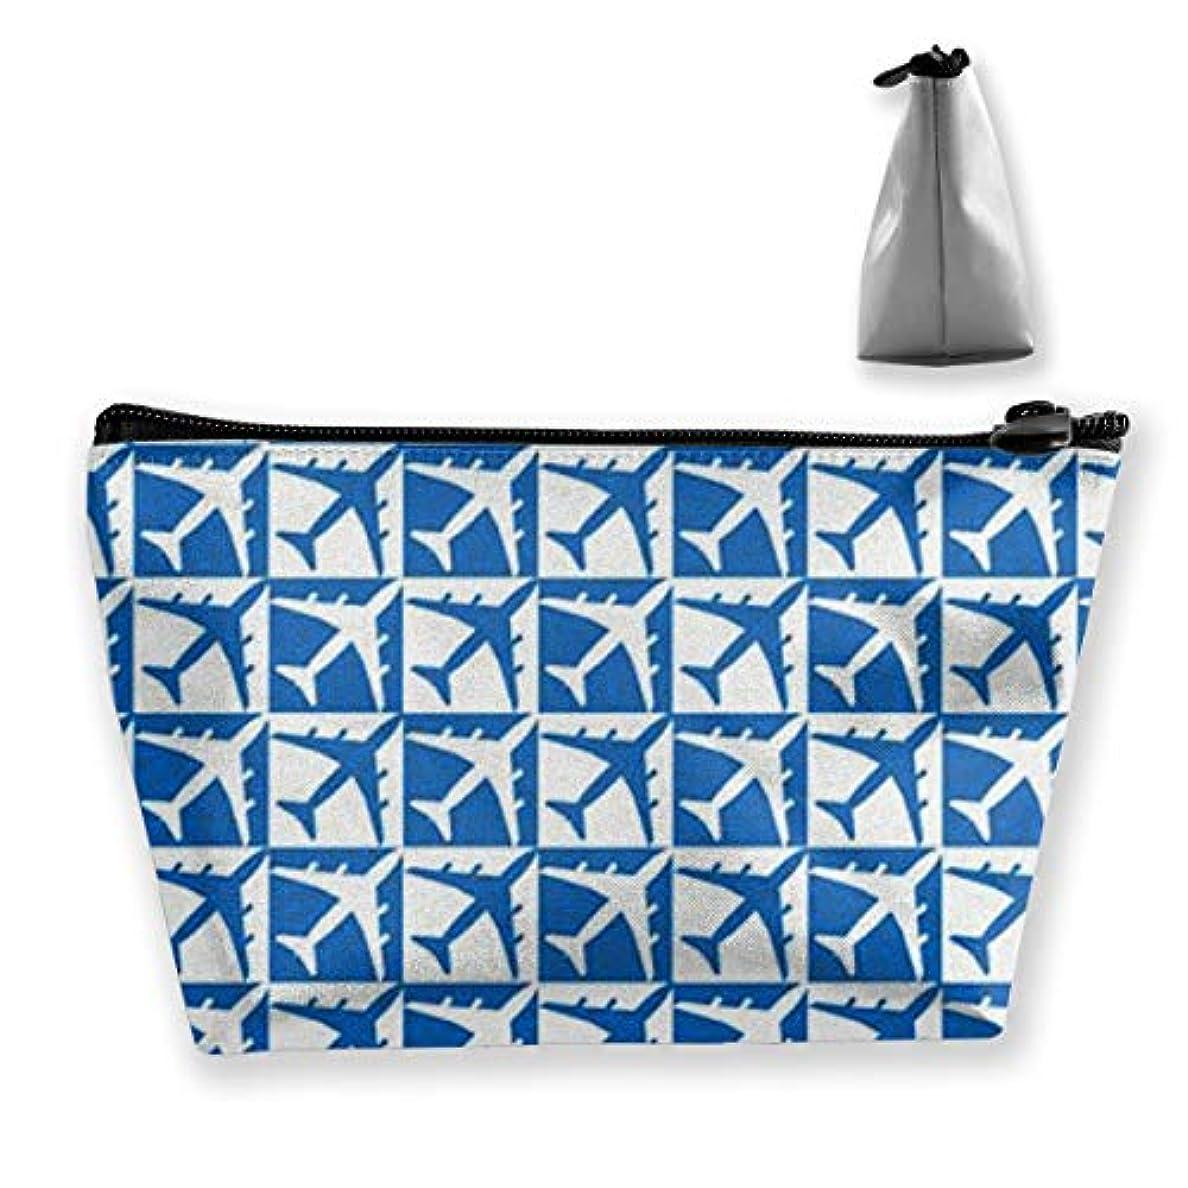 ハントウミウシ不従順飛行機 化粧ポーチ メイクポーチ ミニ 財布 機能的 大容量 ポータブル 収納 小物入れ 普段使い 出張 旅行 ビーチサイド旅行